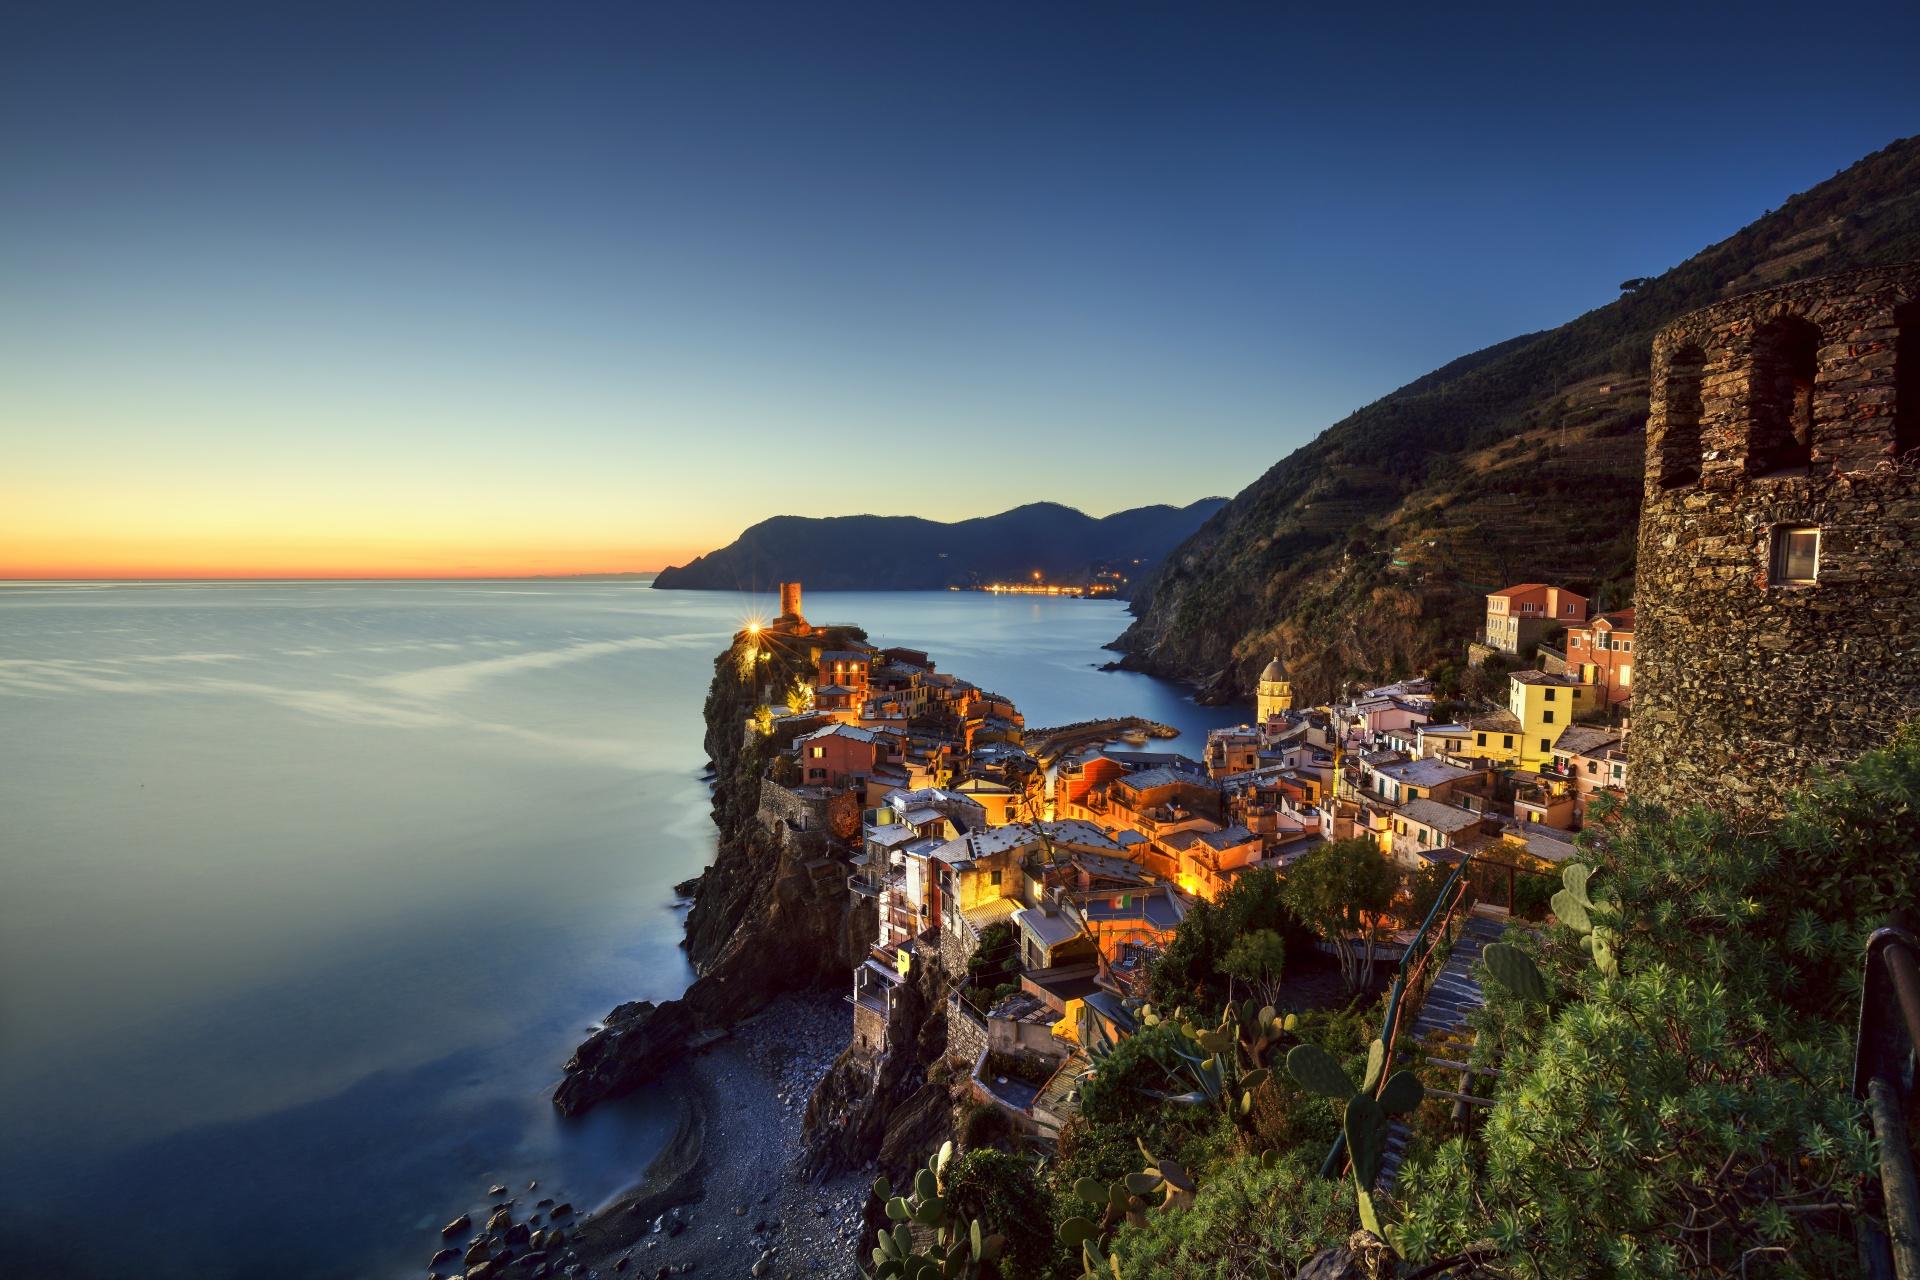 夕暮れのヴェルナッツァ イタリアの風景